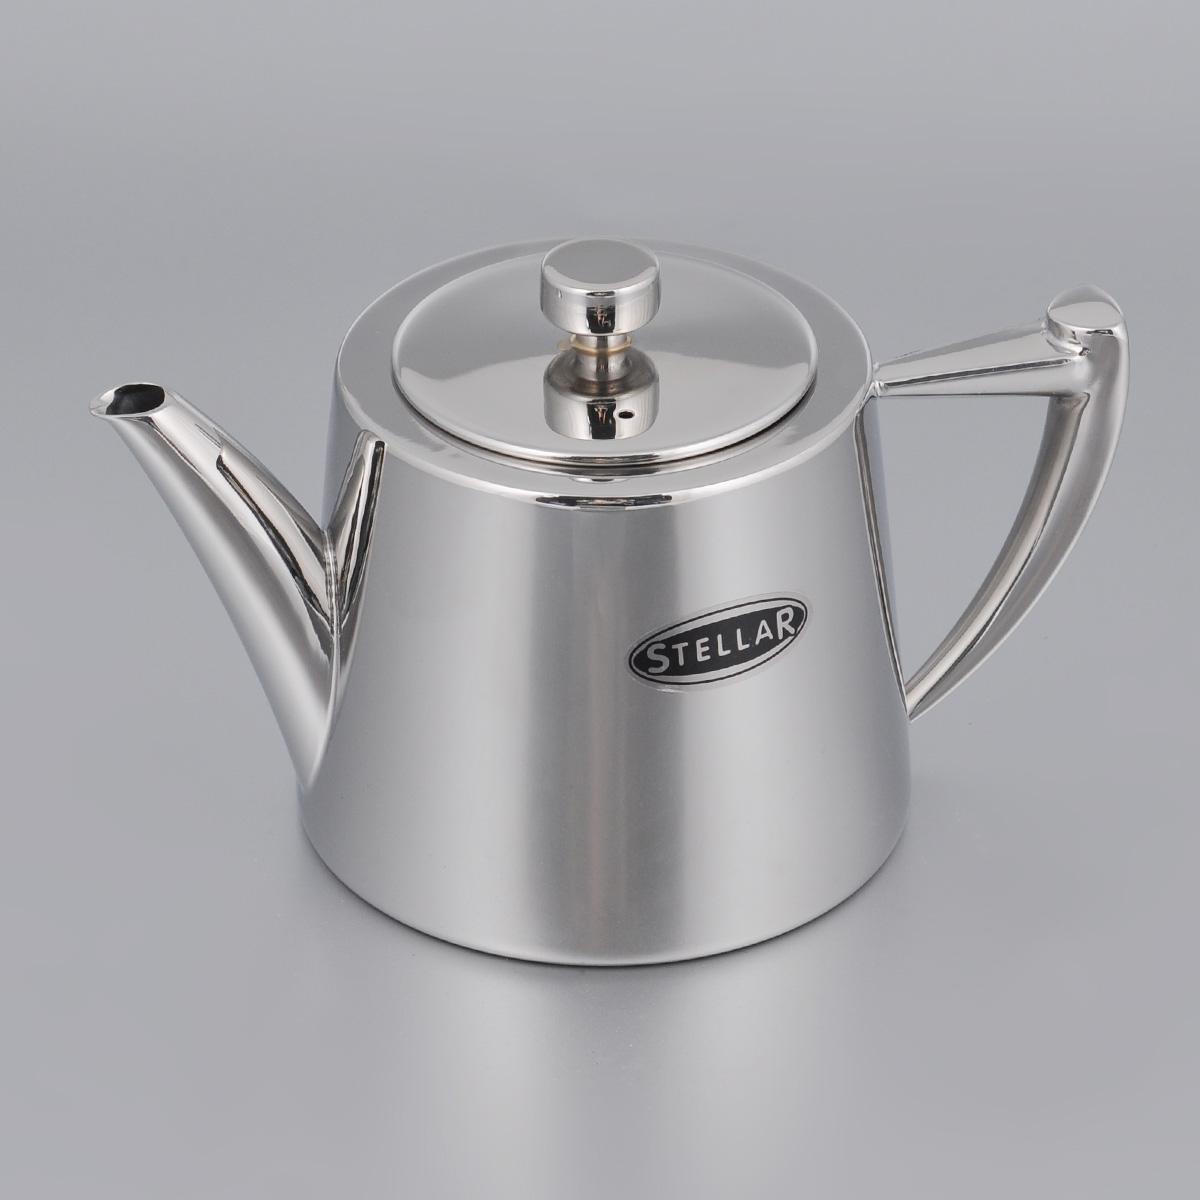 Чайник заварочный Silampos Art Deco, 600 мл41281318SC52Чайник заварочный Silampos Art Deco изготовлен из высококачественной нержавеющей стали с зеркальной полировкой. Благодаря специальному покрытию, тепло распределяется равномерно по основанию чайника. Классический стиль и оптимальный объем делают чайник Silampos Art Deco удобным и оригинальным аксессуаром, который прекрасно подойдет как для ежедневного использования, так и для специальной чайной церемонии. Можно мыть в посудомоечной машине. Диаметр чайника (по верхнему краю): 6,5 см. Высота чайника (без учета крышки): 9 см. Посуда Silampos производится с использованием самых последних достижений в области производства изделий из нержавеющей стали. Алюминиевый диск инкапсулируется между дном кастрюли и защитной оболочкой из нержавеющей стали под давлением 1500 тонн. Этот высокотехнологичный процесс устраняет необходимость обычной сварки, ахиллесовой пяты многих производителей товаров из нержавеющей стали. Вместо того, чтобы сваривать две...